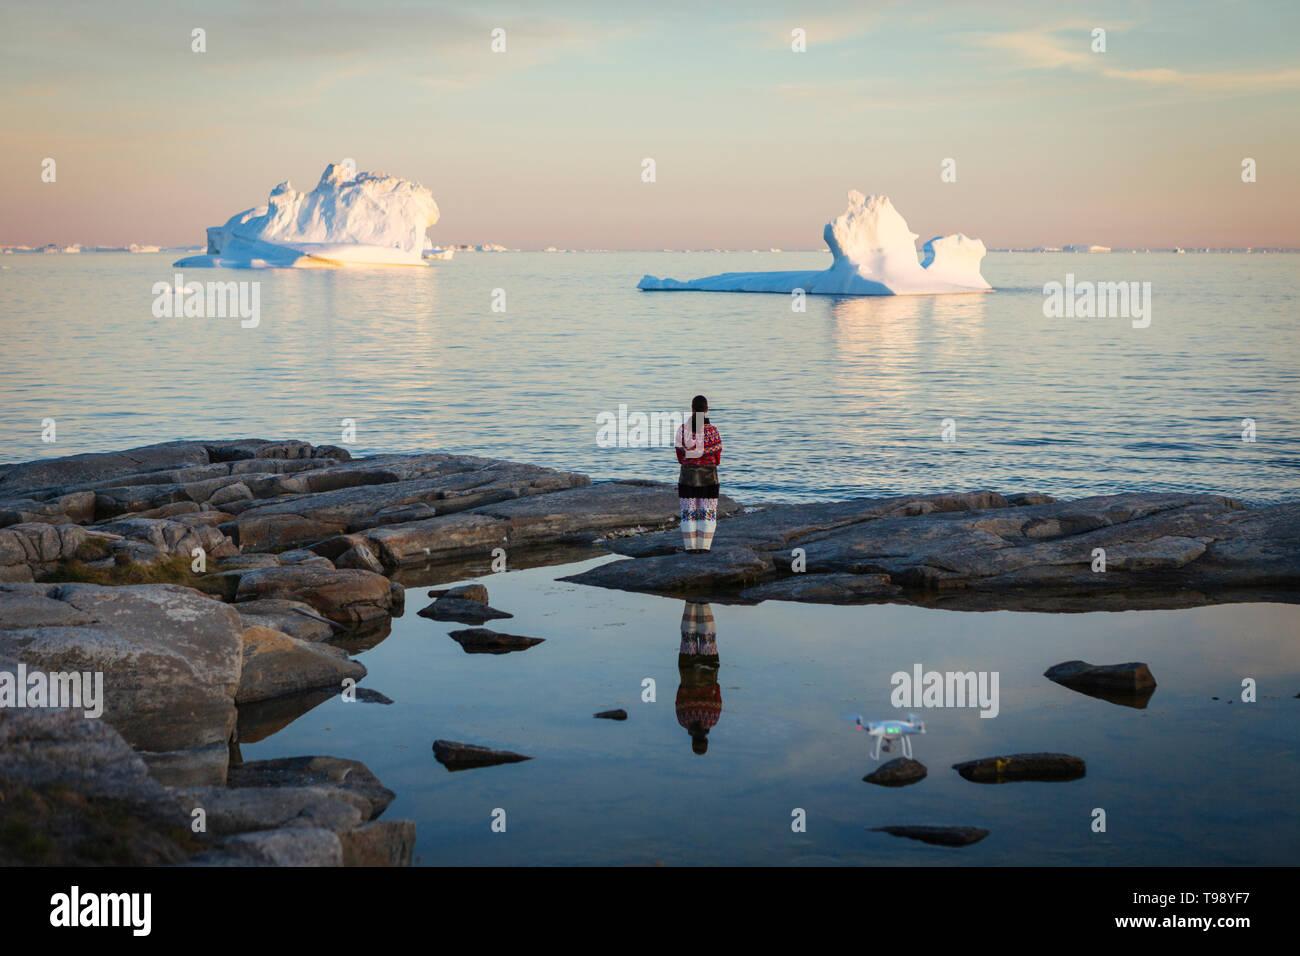 Inuit donna in abiti tradizionali sorge sulle rive della baia di Disko su Midsummer, Groenlandia Foto Stock